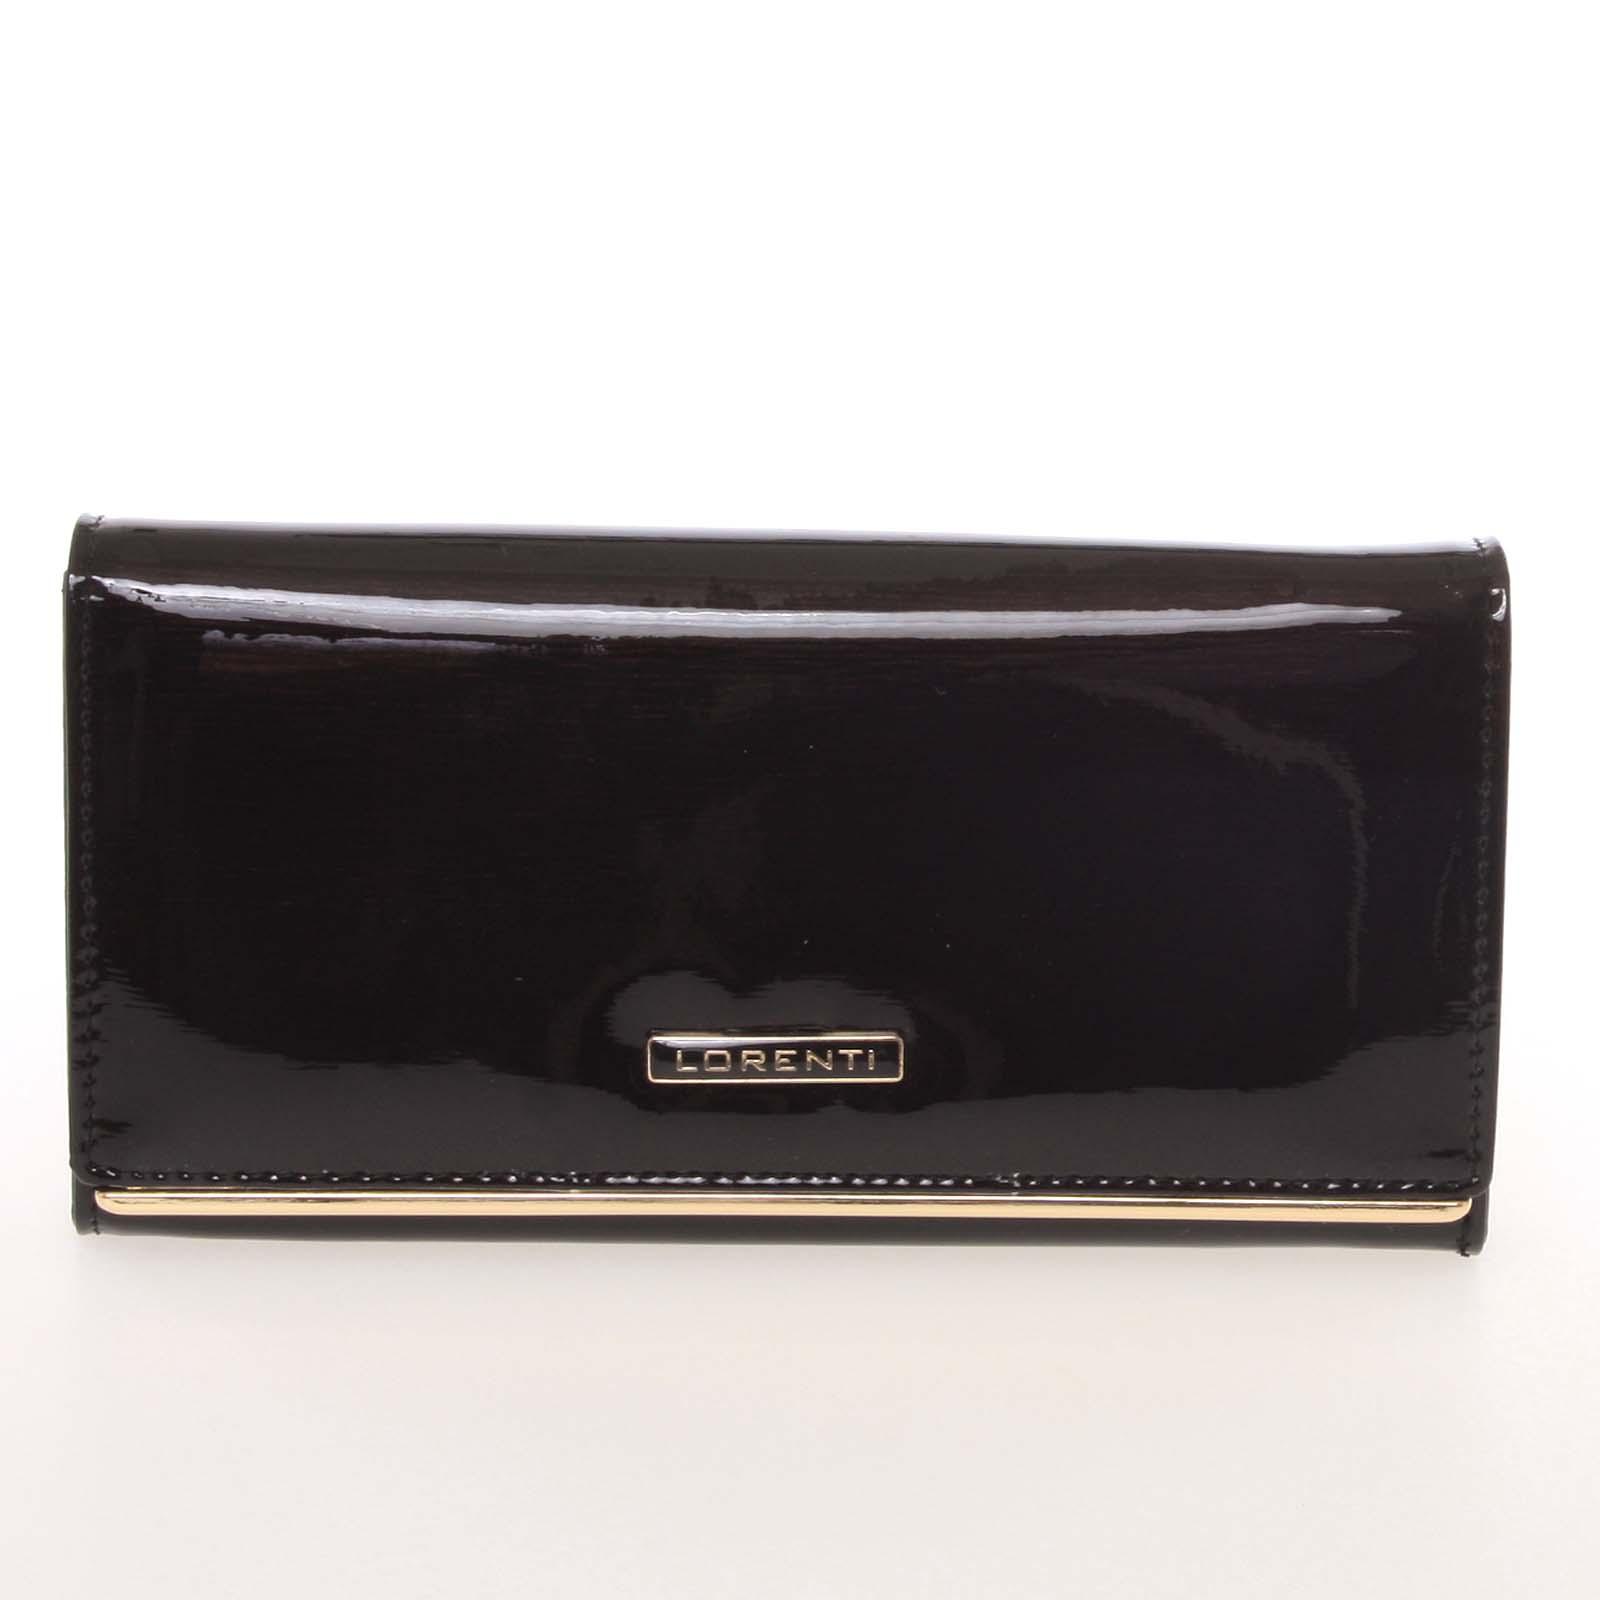 Luxusní lakovaná kožená černá peněženka - Lorenti 64003SH černá